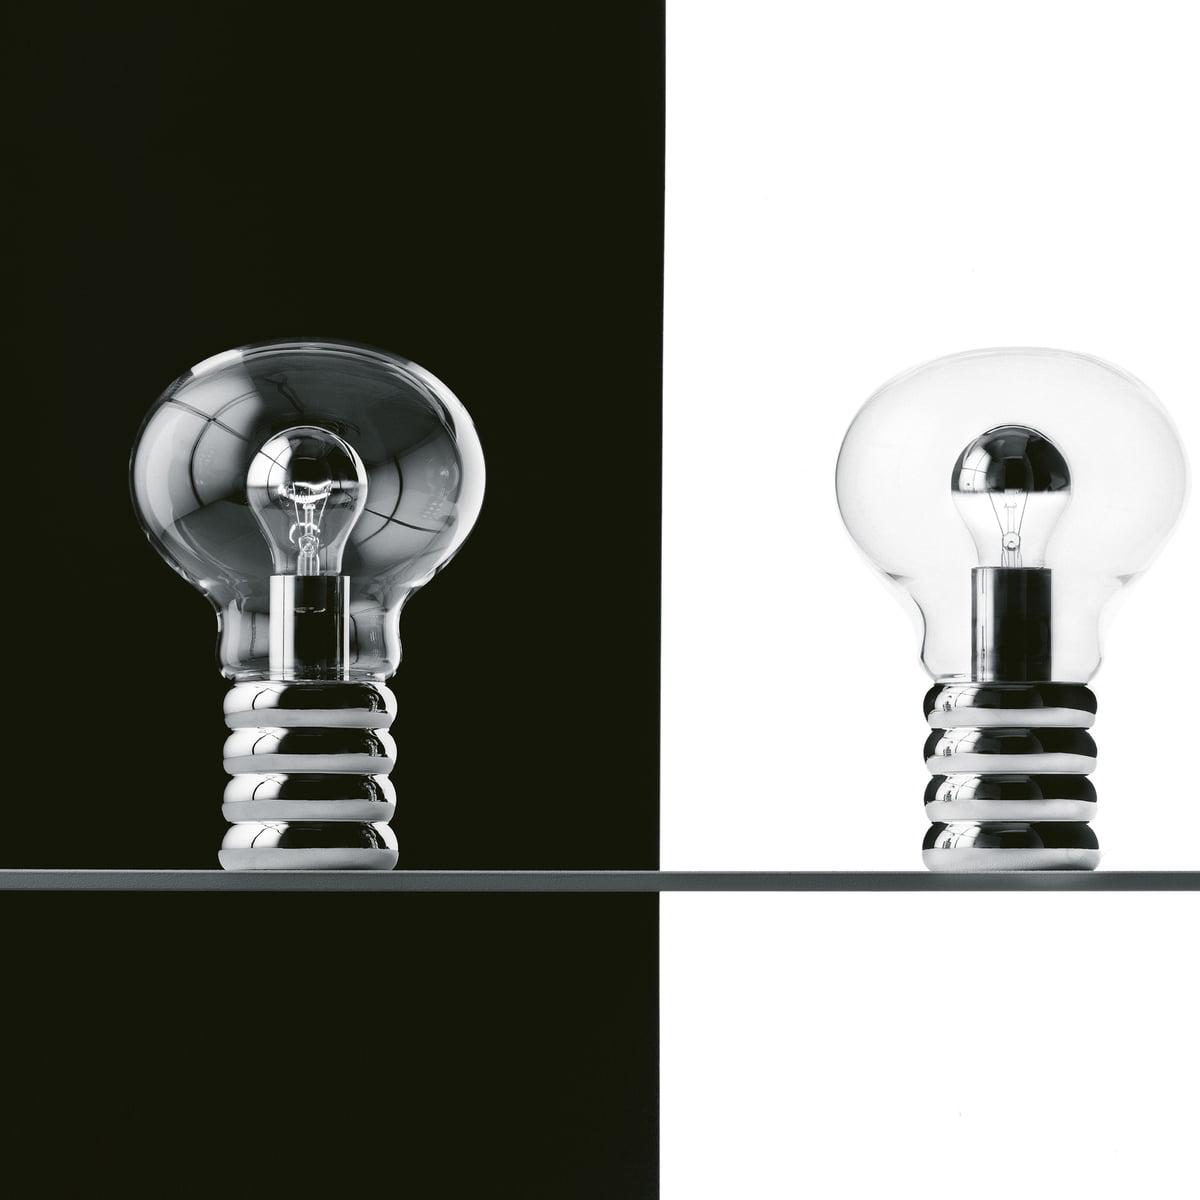 lampe de table bulb ingo maurer boutique. Black Bedroom Furniture Sets. Home Design Ideas